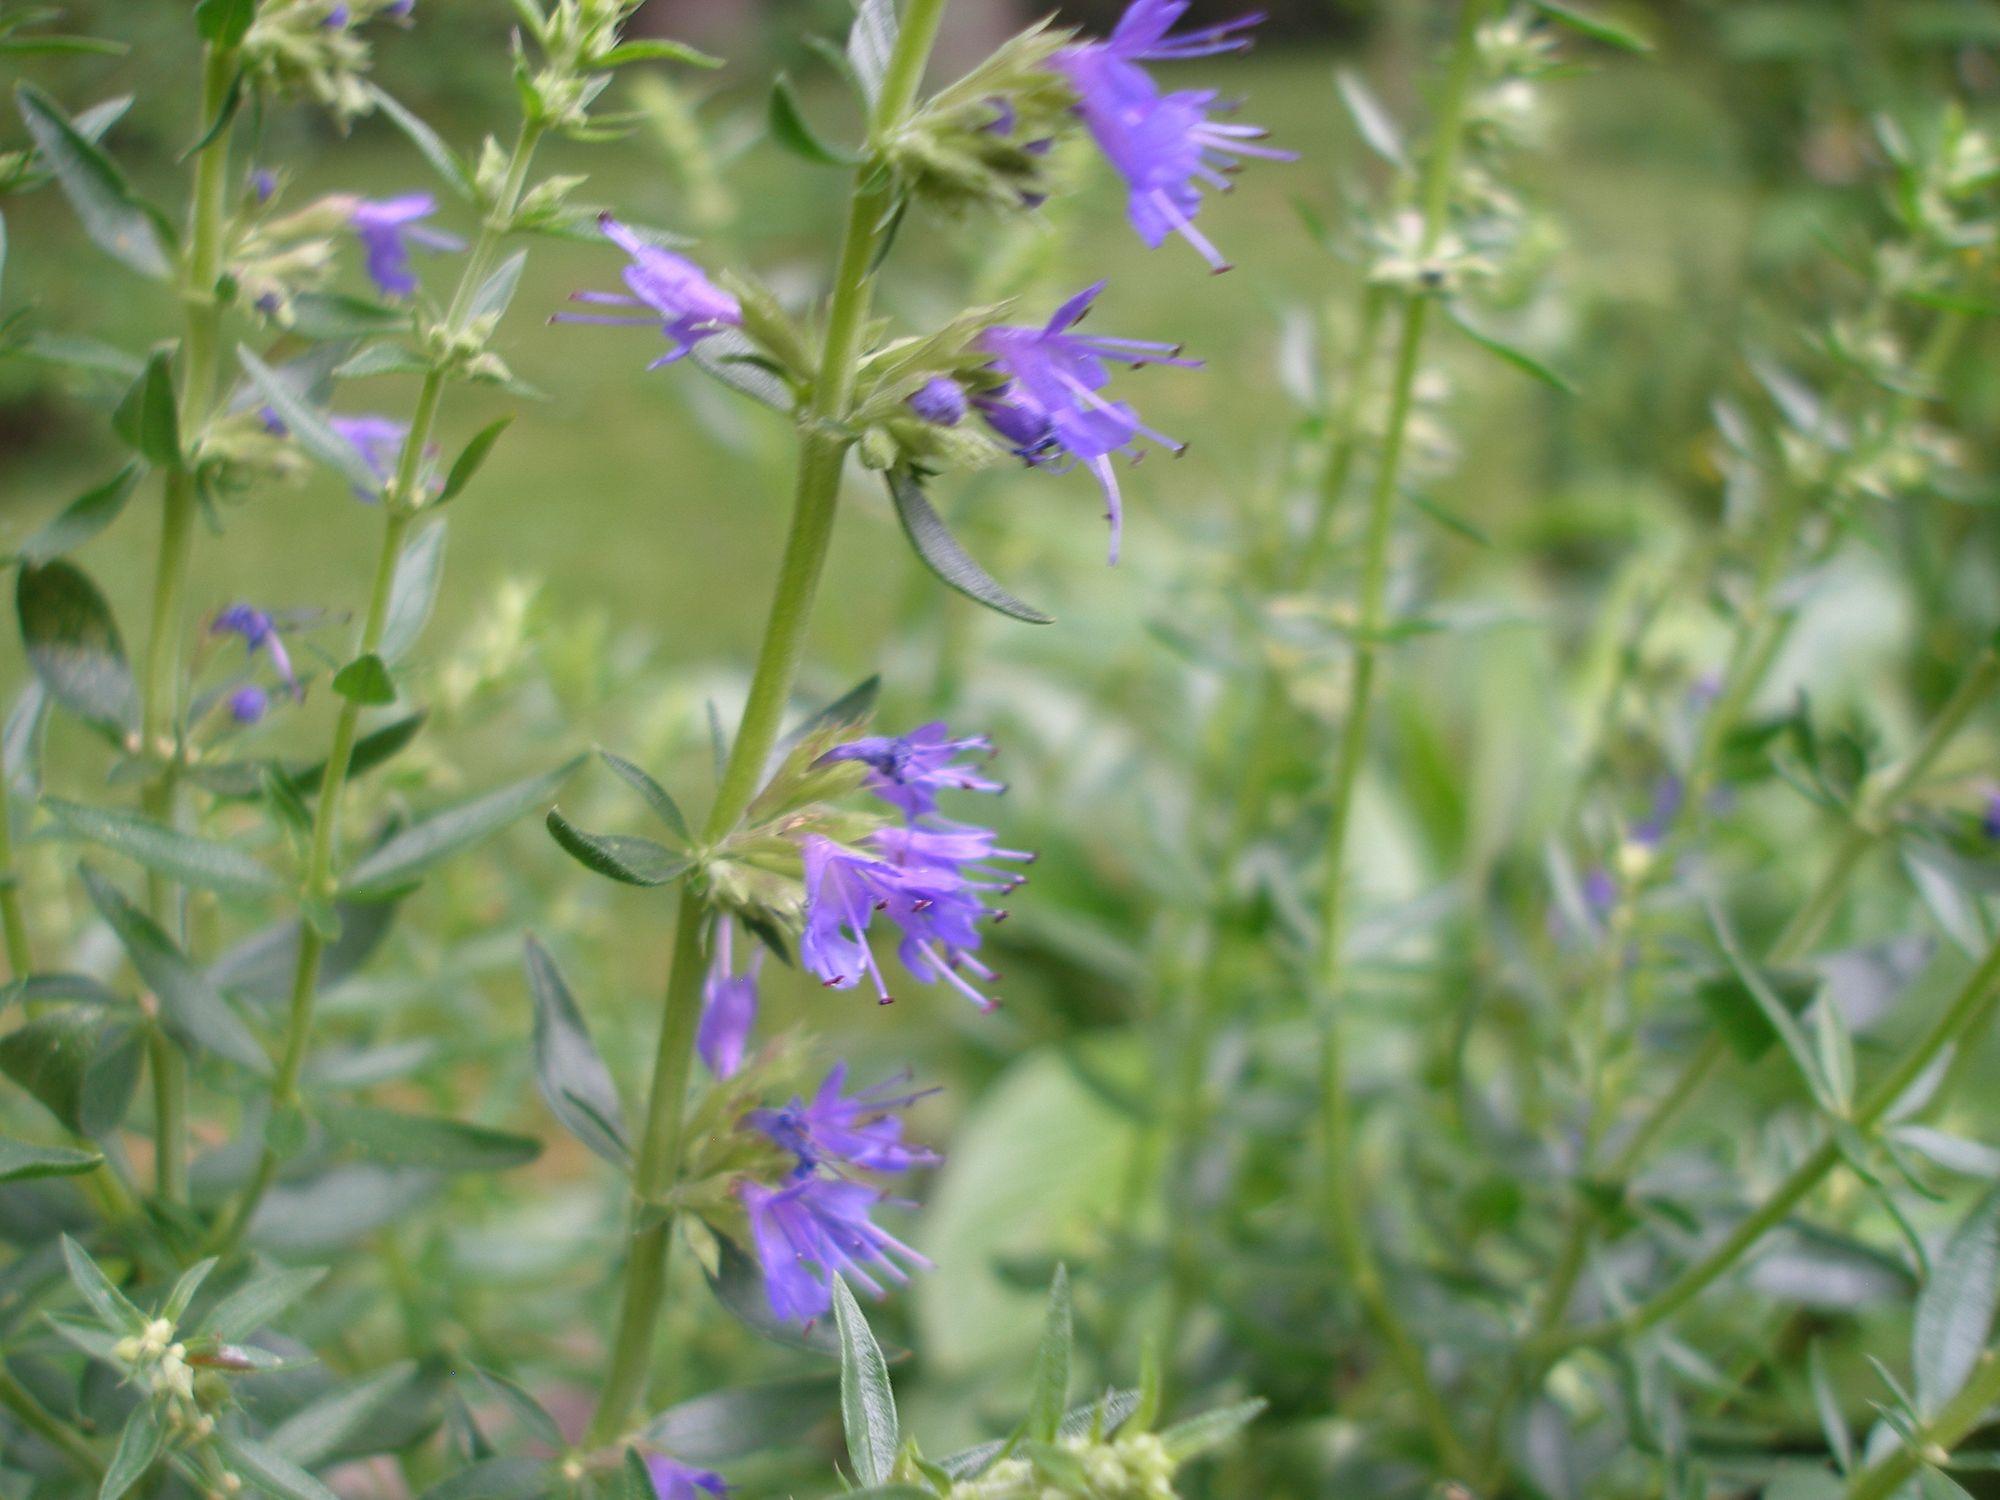 Vaistinis isopas, juozažolė (Hyssopus officinalis)